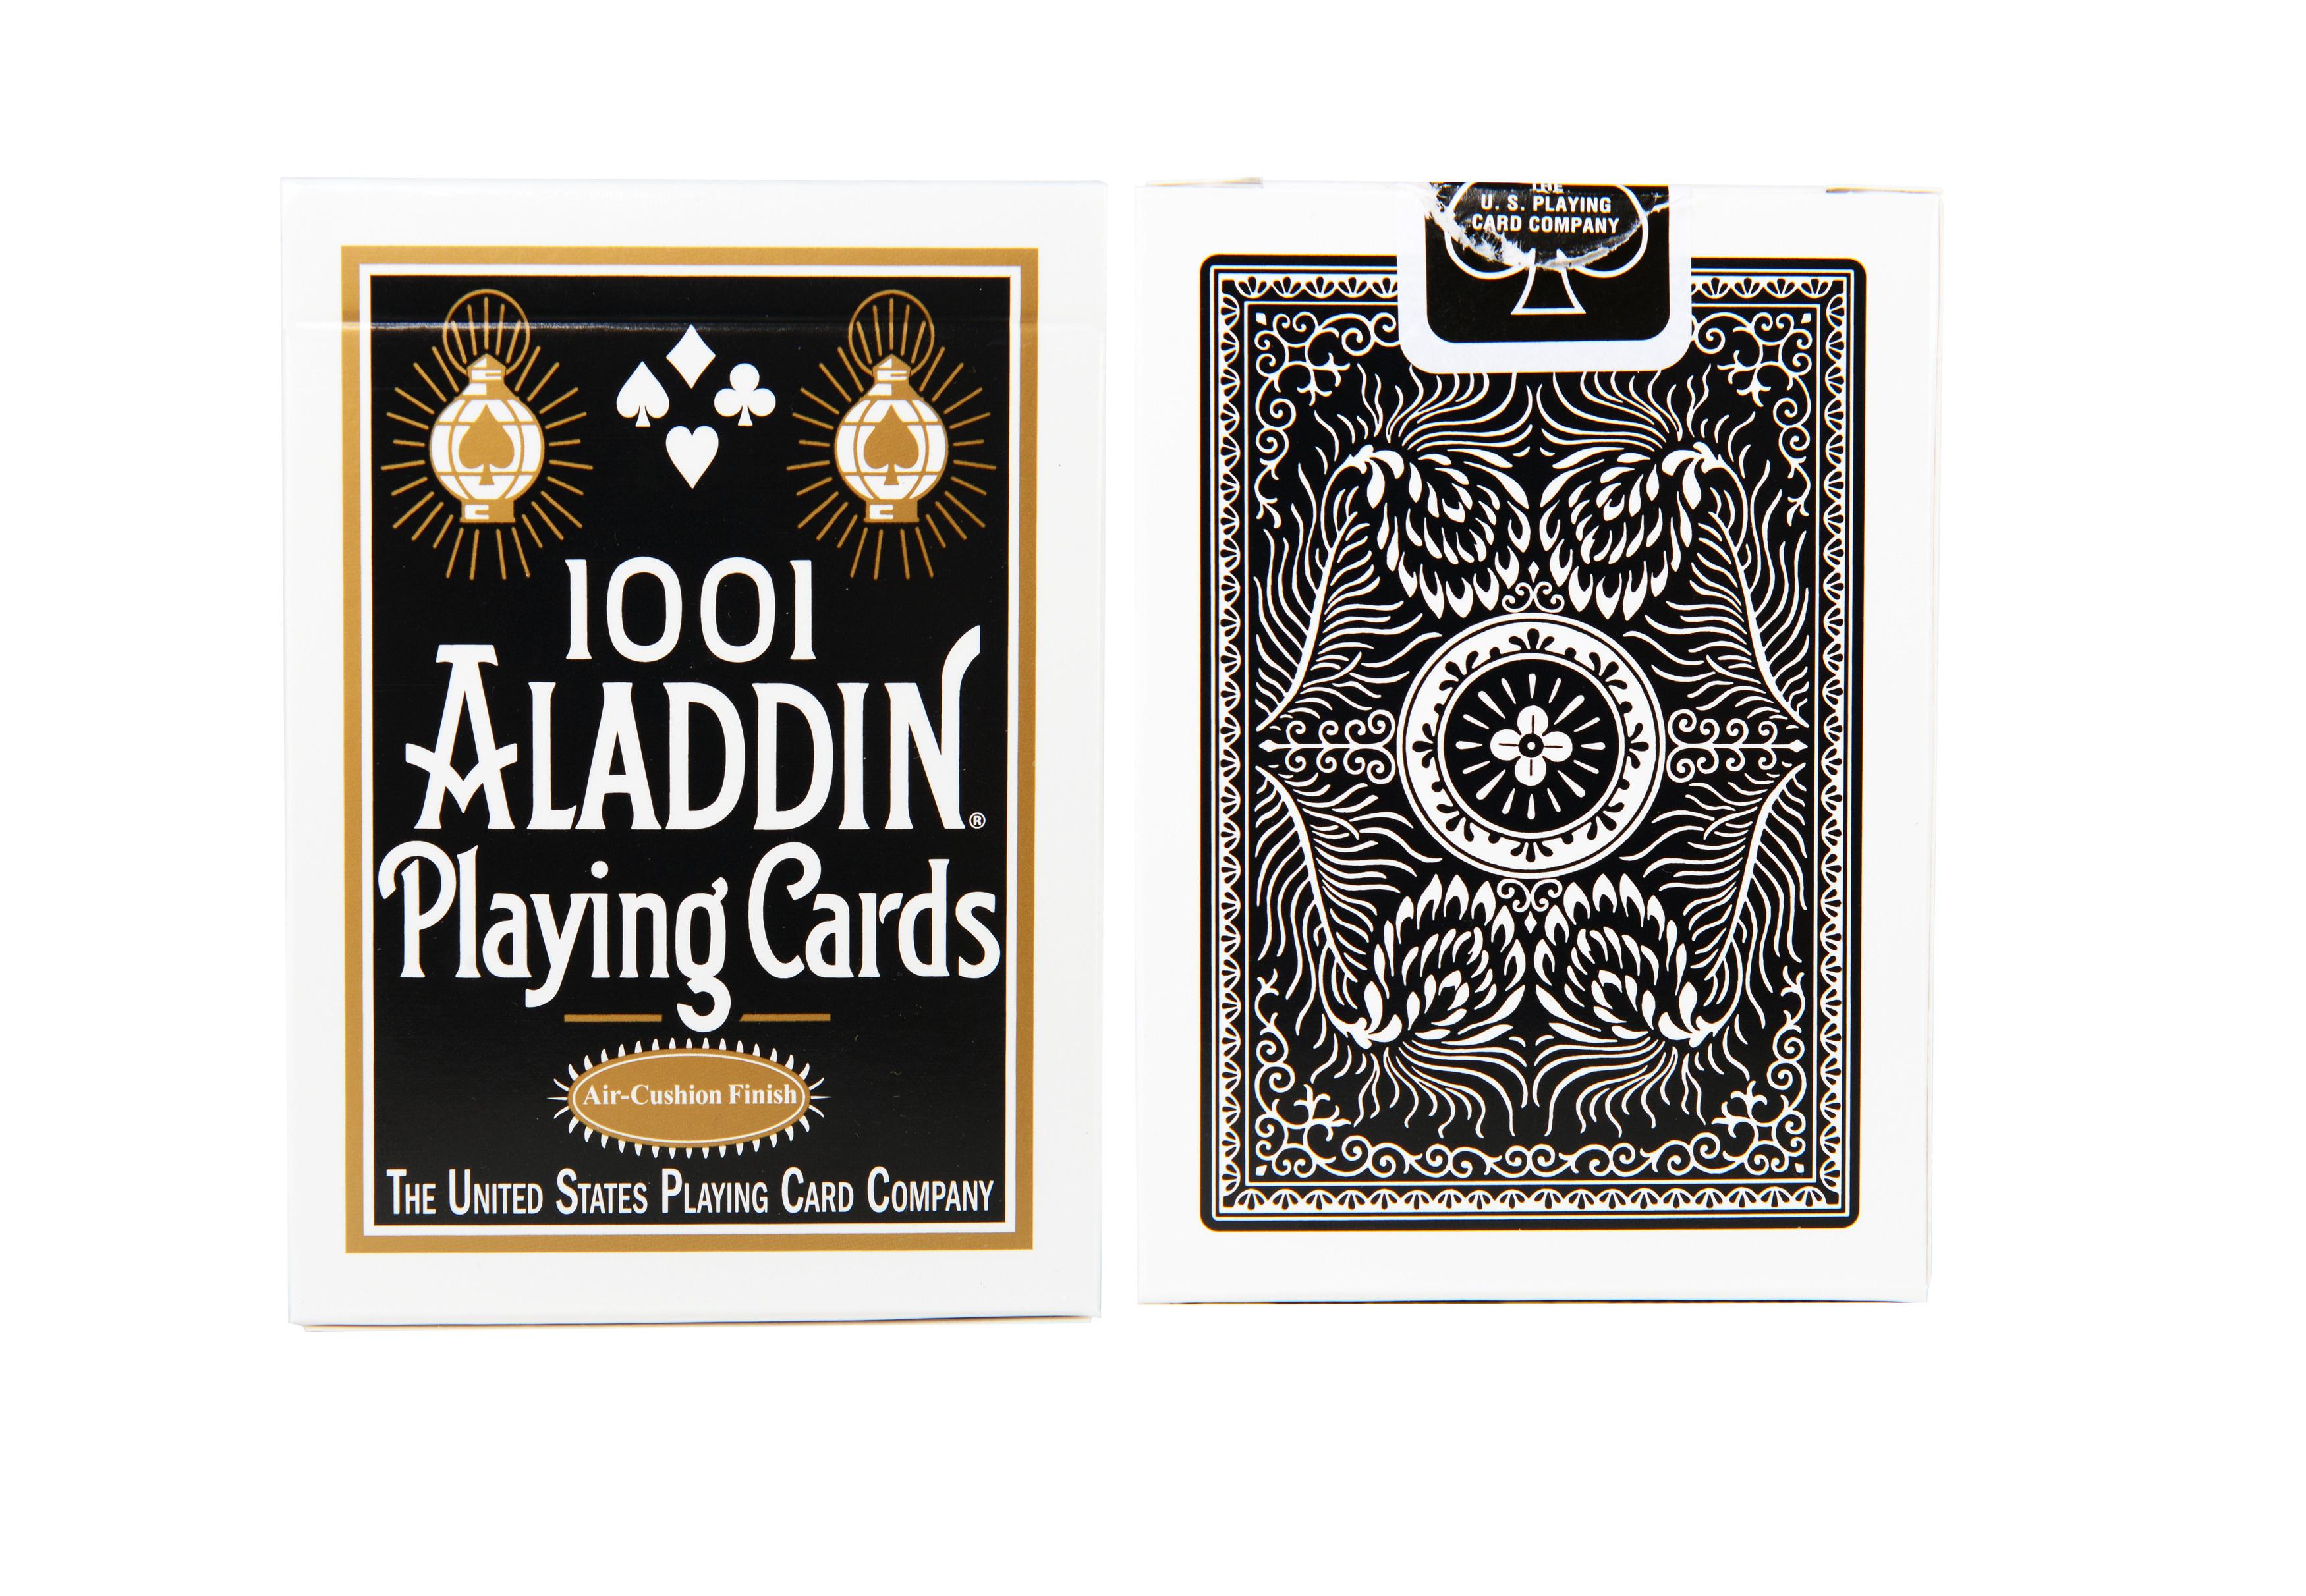 アラジン 黒色 (Aladdin 1001)